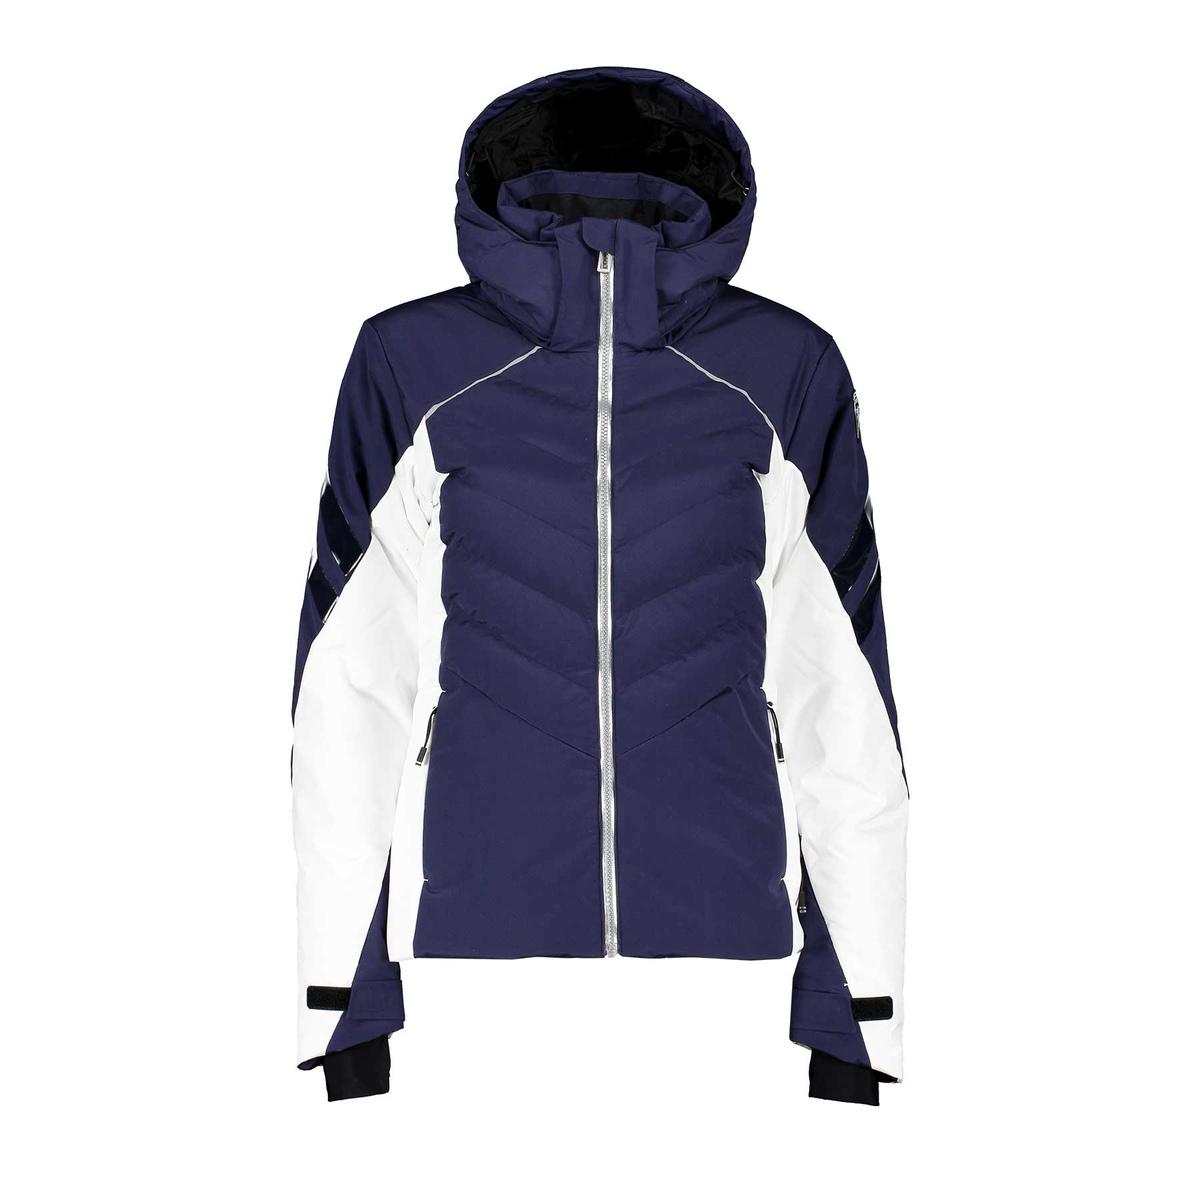 Prezzi Rossignol completo giacca courbe + pantaloni ski donna